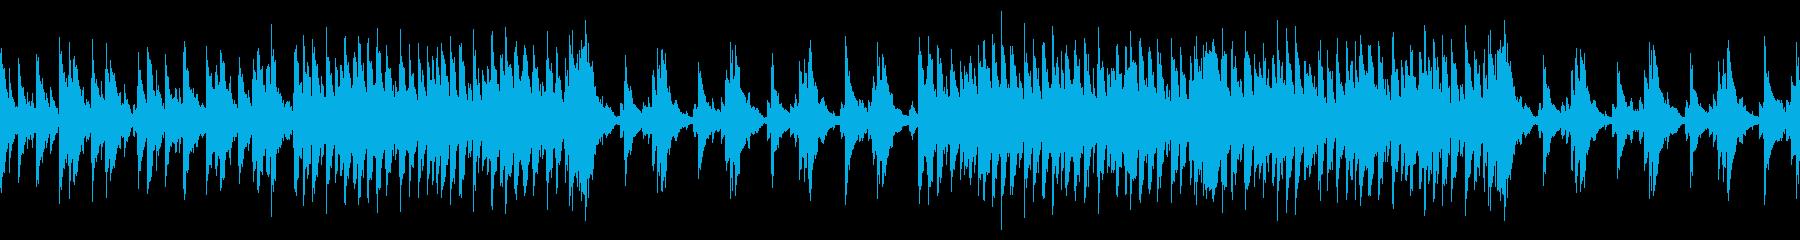 和太鼓アンサンブル&かけ声、力強いEの再生済みの波形